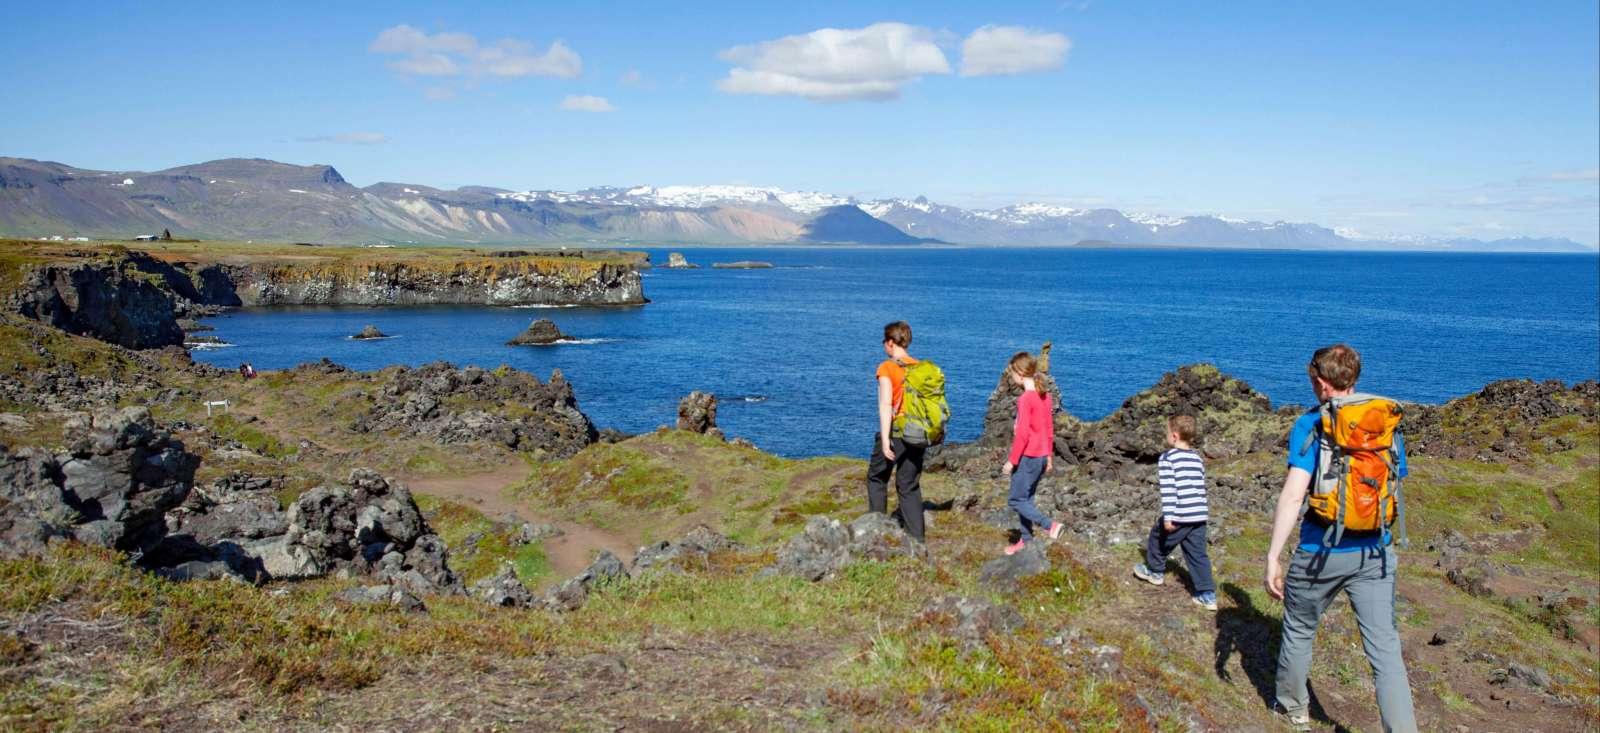 Voyage à pied : Elfes, feu et glace